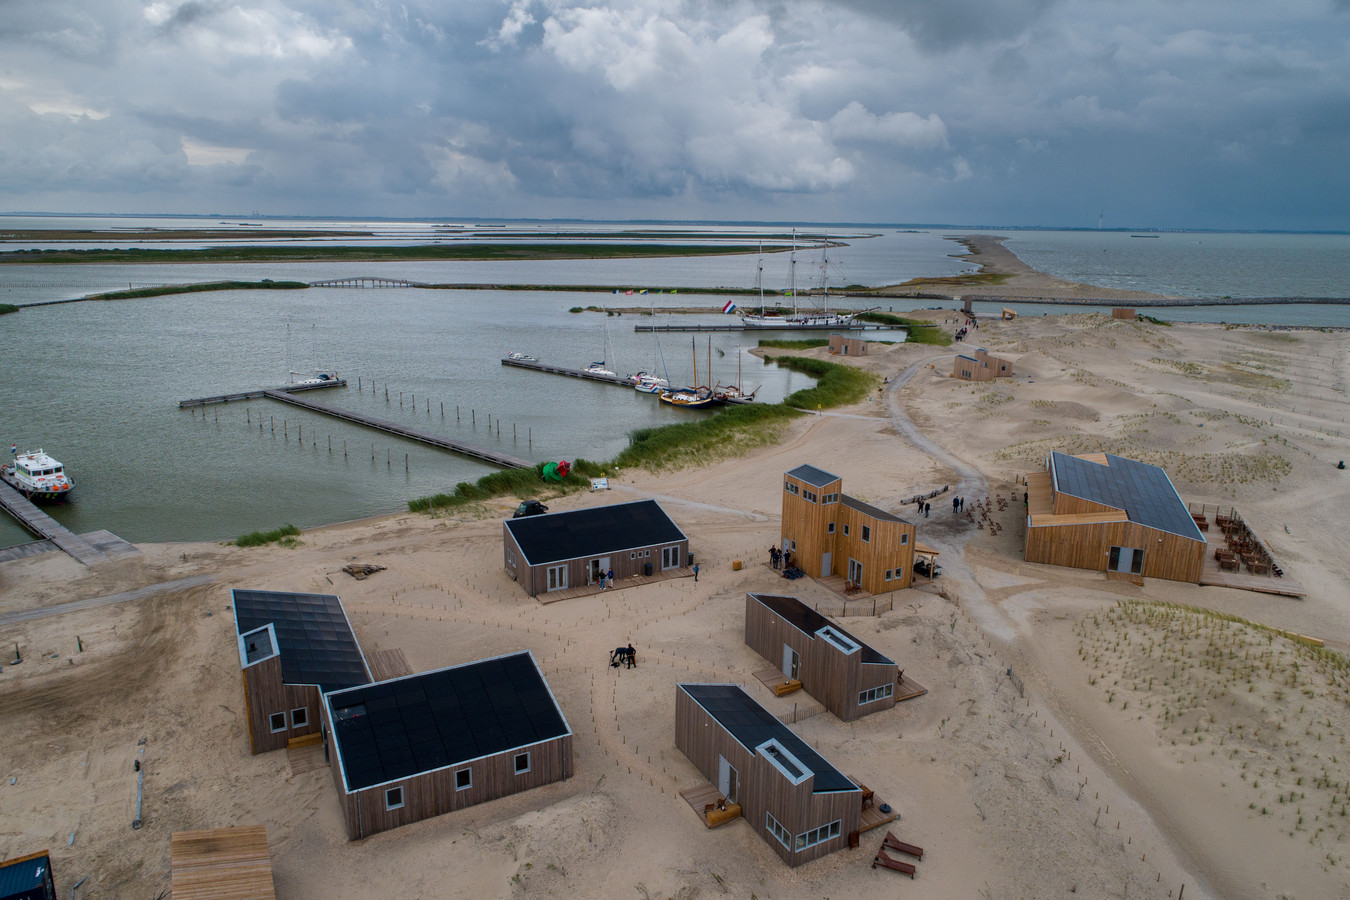 Vorig jaar juli was de opening van de zelfvoorzienende nederzetting op Marker Wadden, de nieuwe groep natuureilanden in het Markermeer.